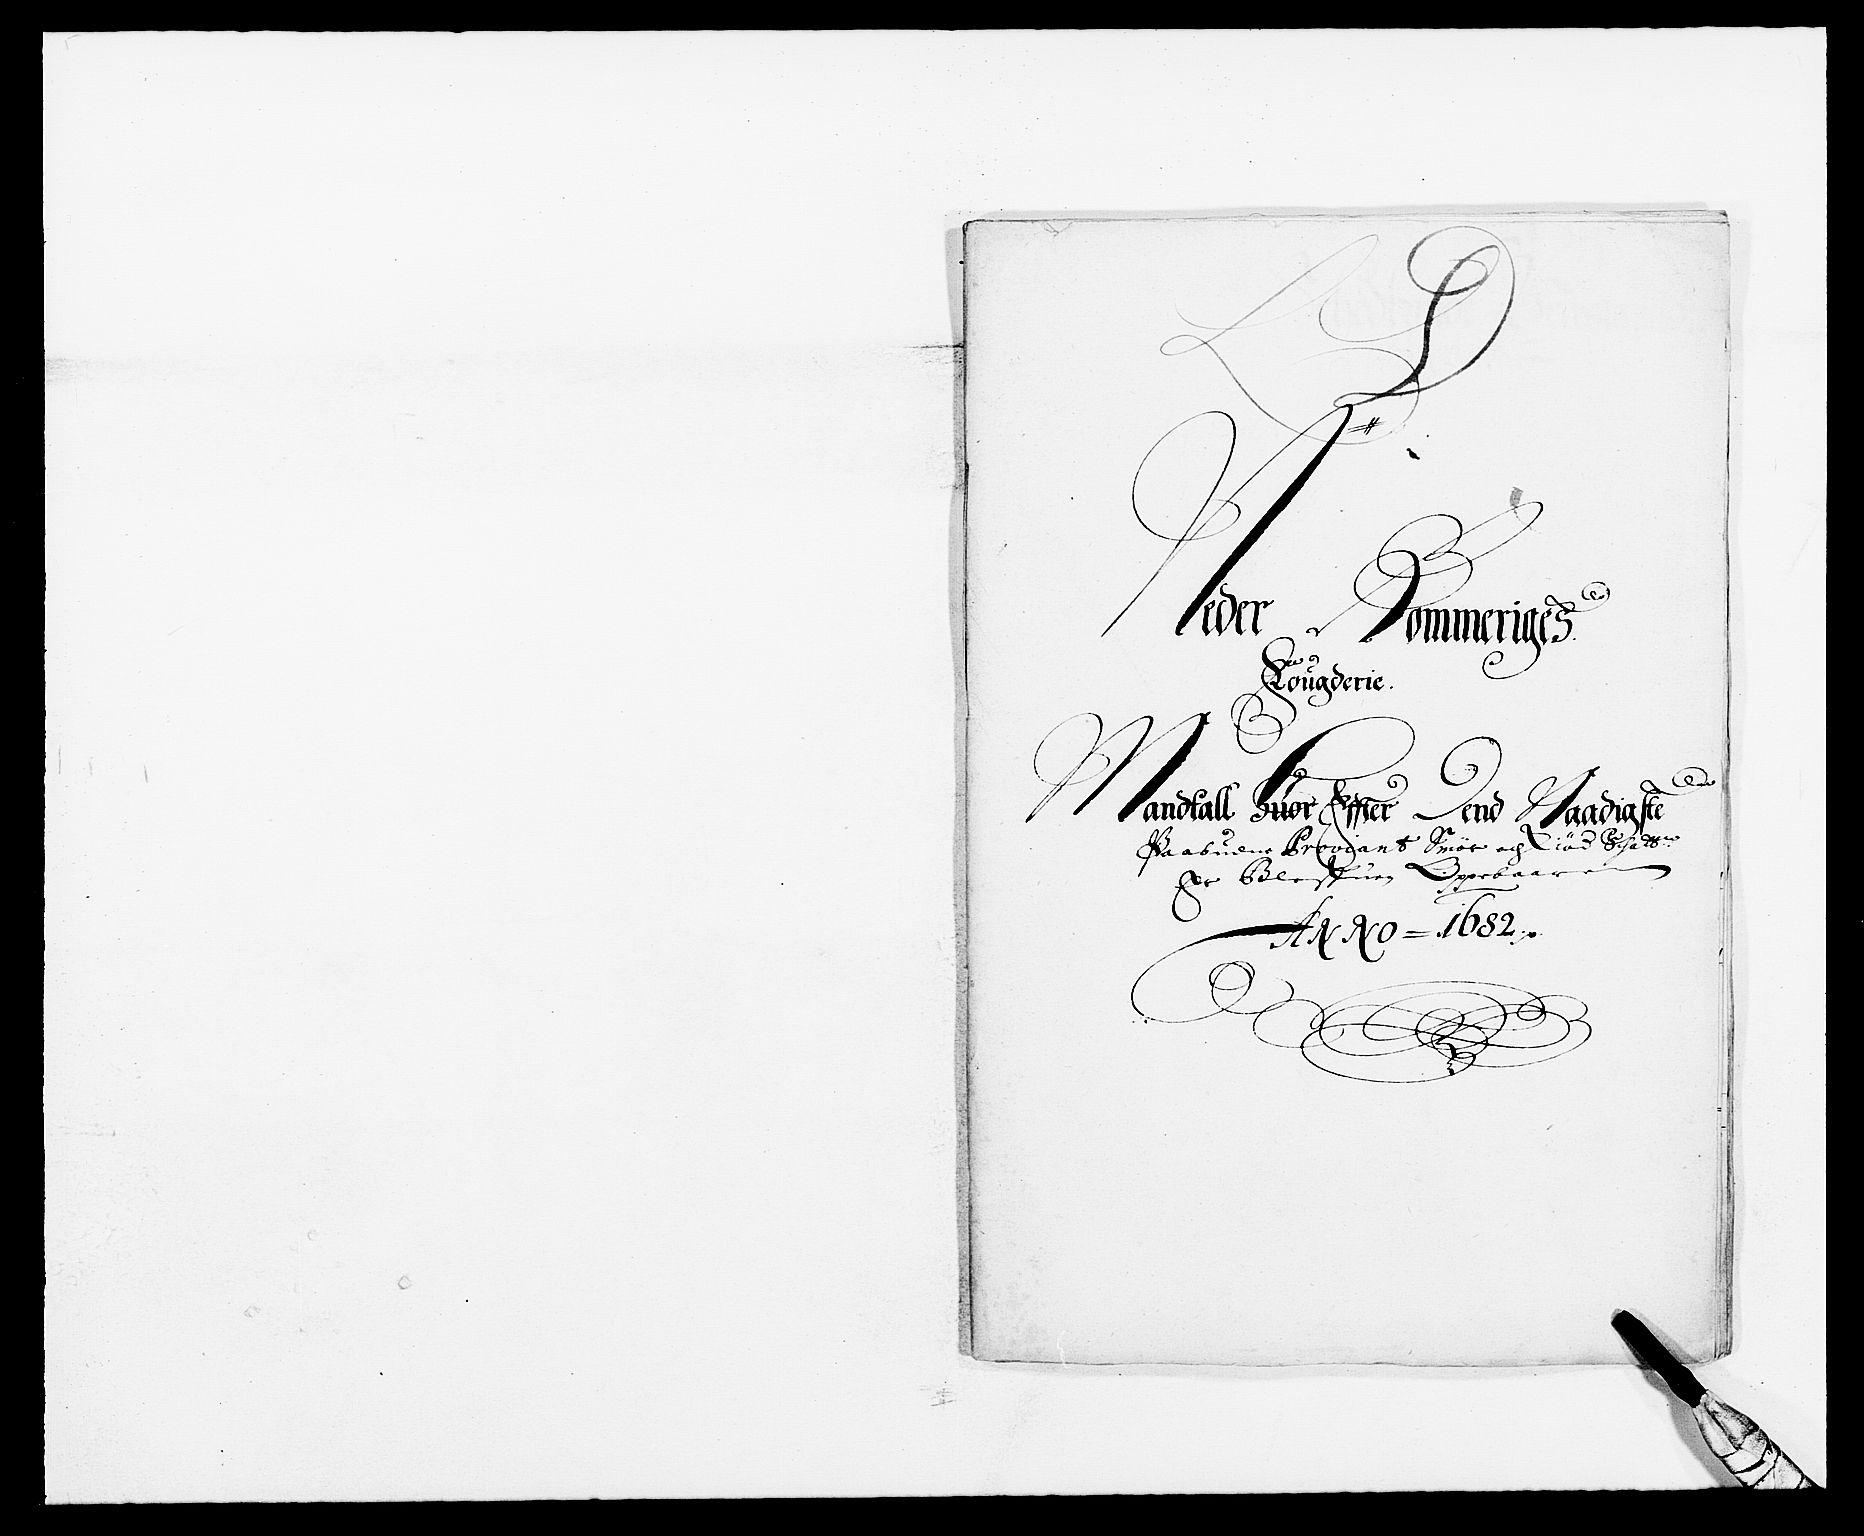 RA, Rentekammeret inntil 1814, Reviderte regnskaper, Fogderegnskap, R11/L0570: Fogderegnskap Nedre Romerike, 1682, s. 140